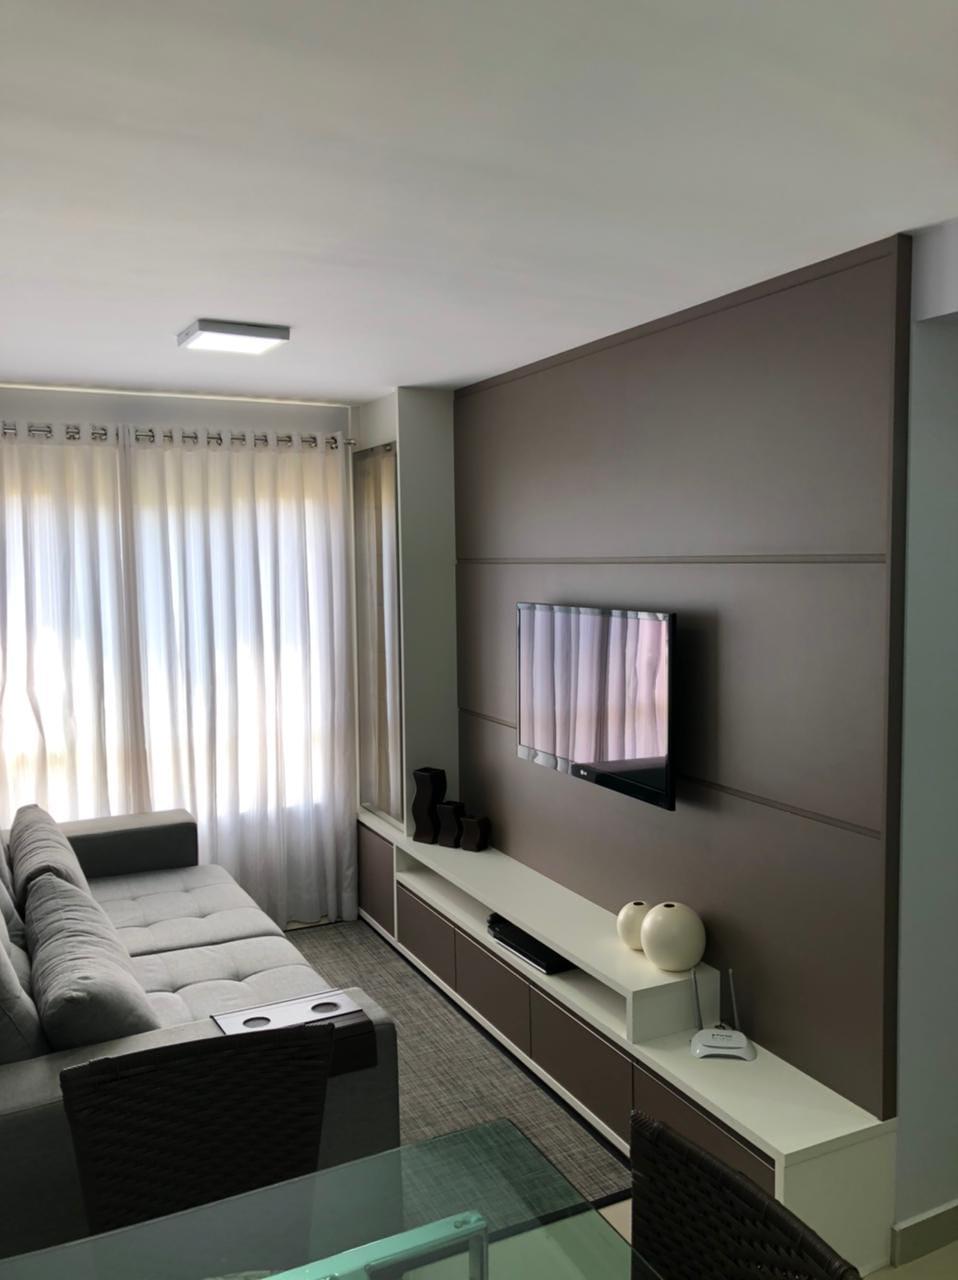 https://static.arboimoveis.com.br/AP3153_GPRDO/apartamentoavendachacaramanellacambepr_1625009427908.jpeg